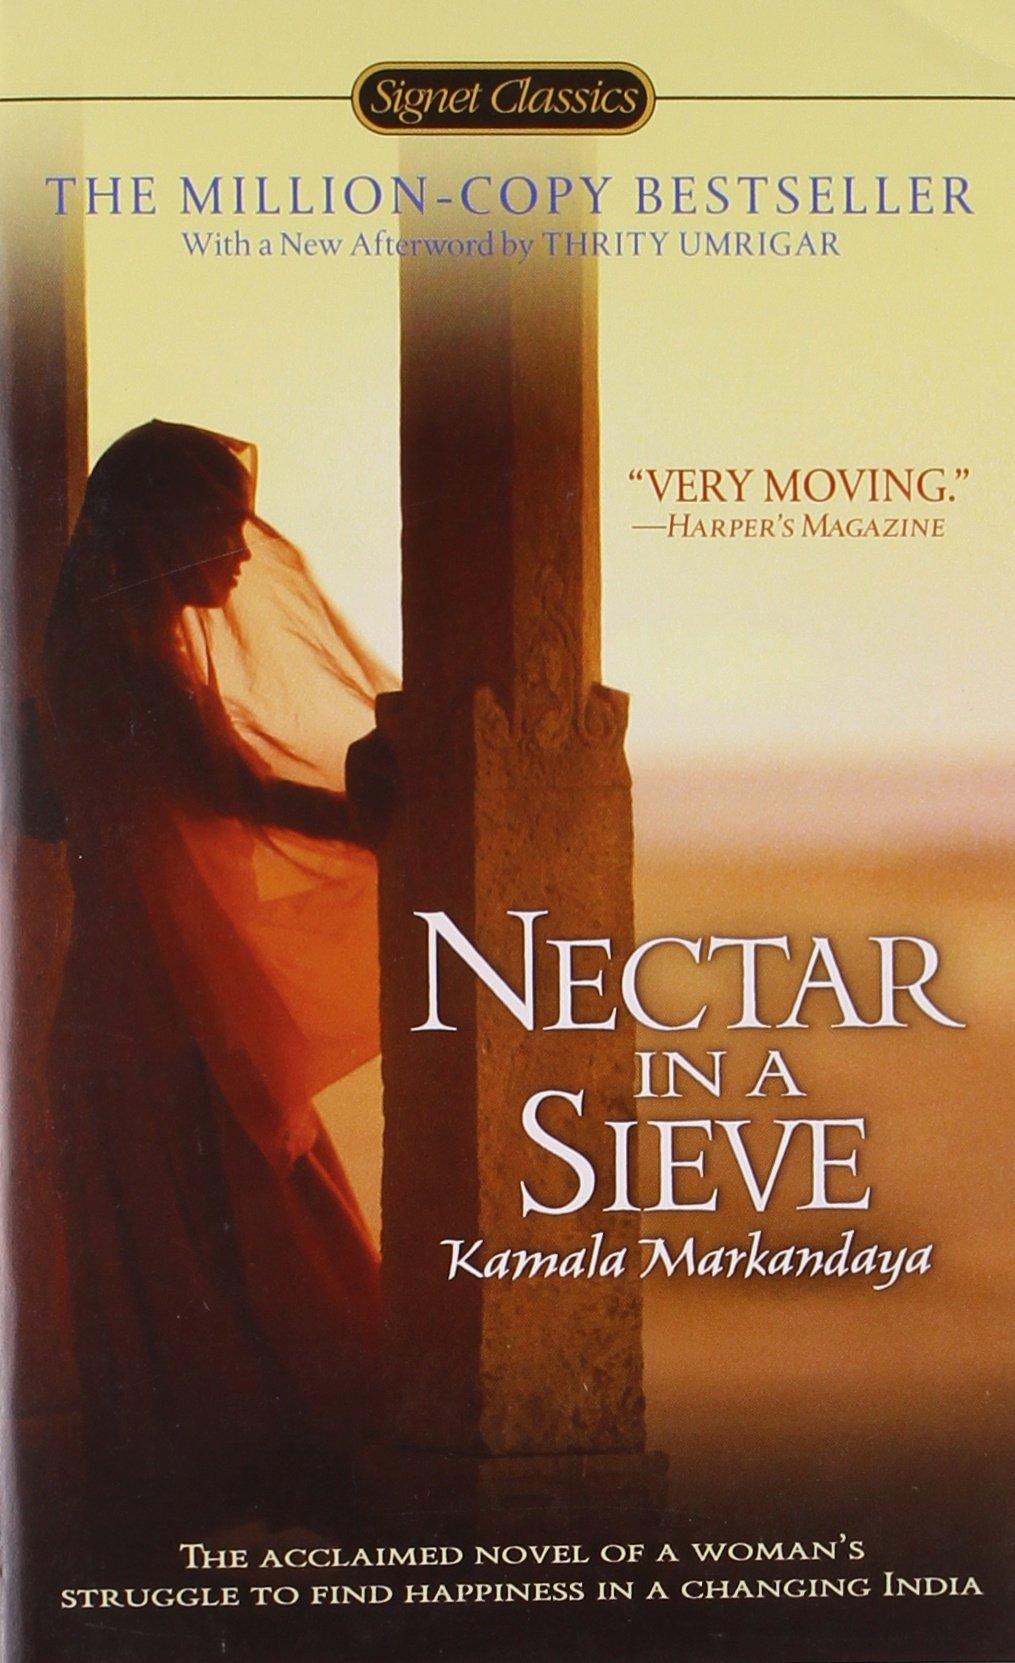 com nectar in a sieve signet classics  com nectar in a sieve signet classics 9780451531728 kamala markandaya indira ganesan thrity umrigar books